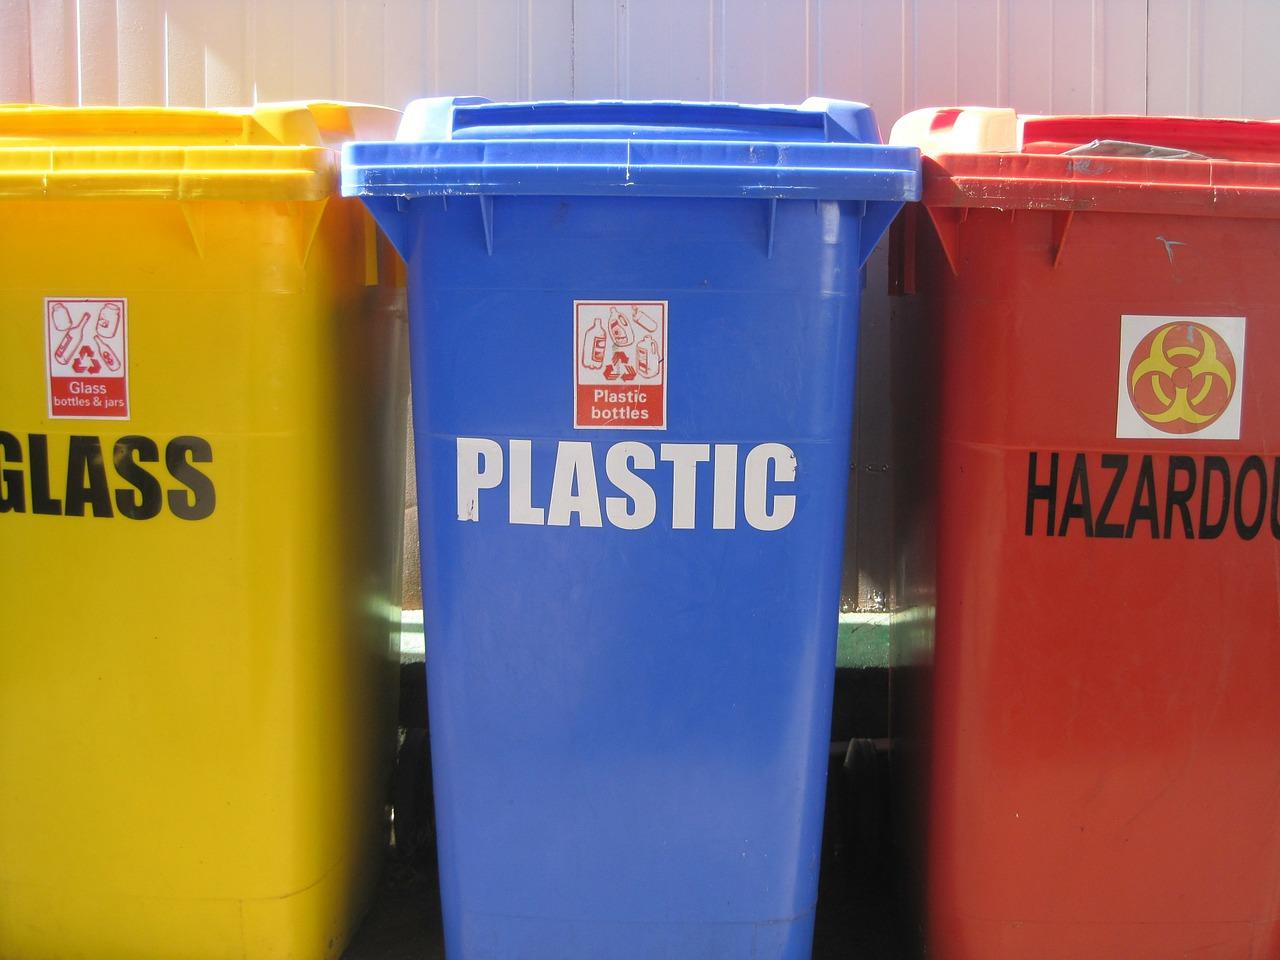 ločevanje odpadkov in reciklaža